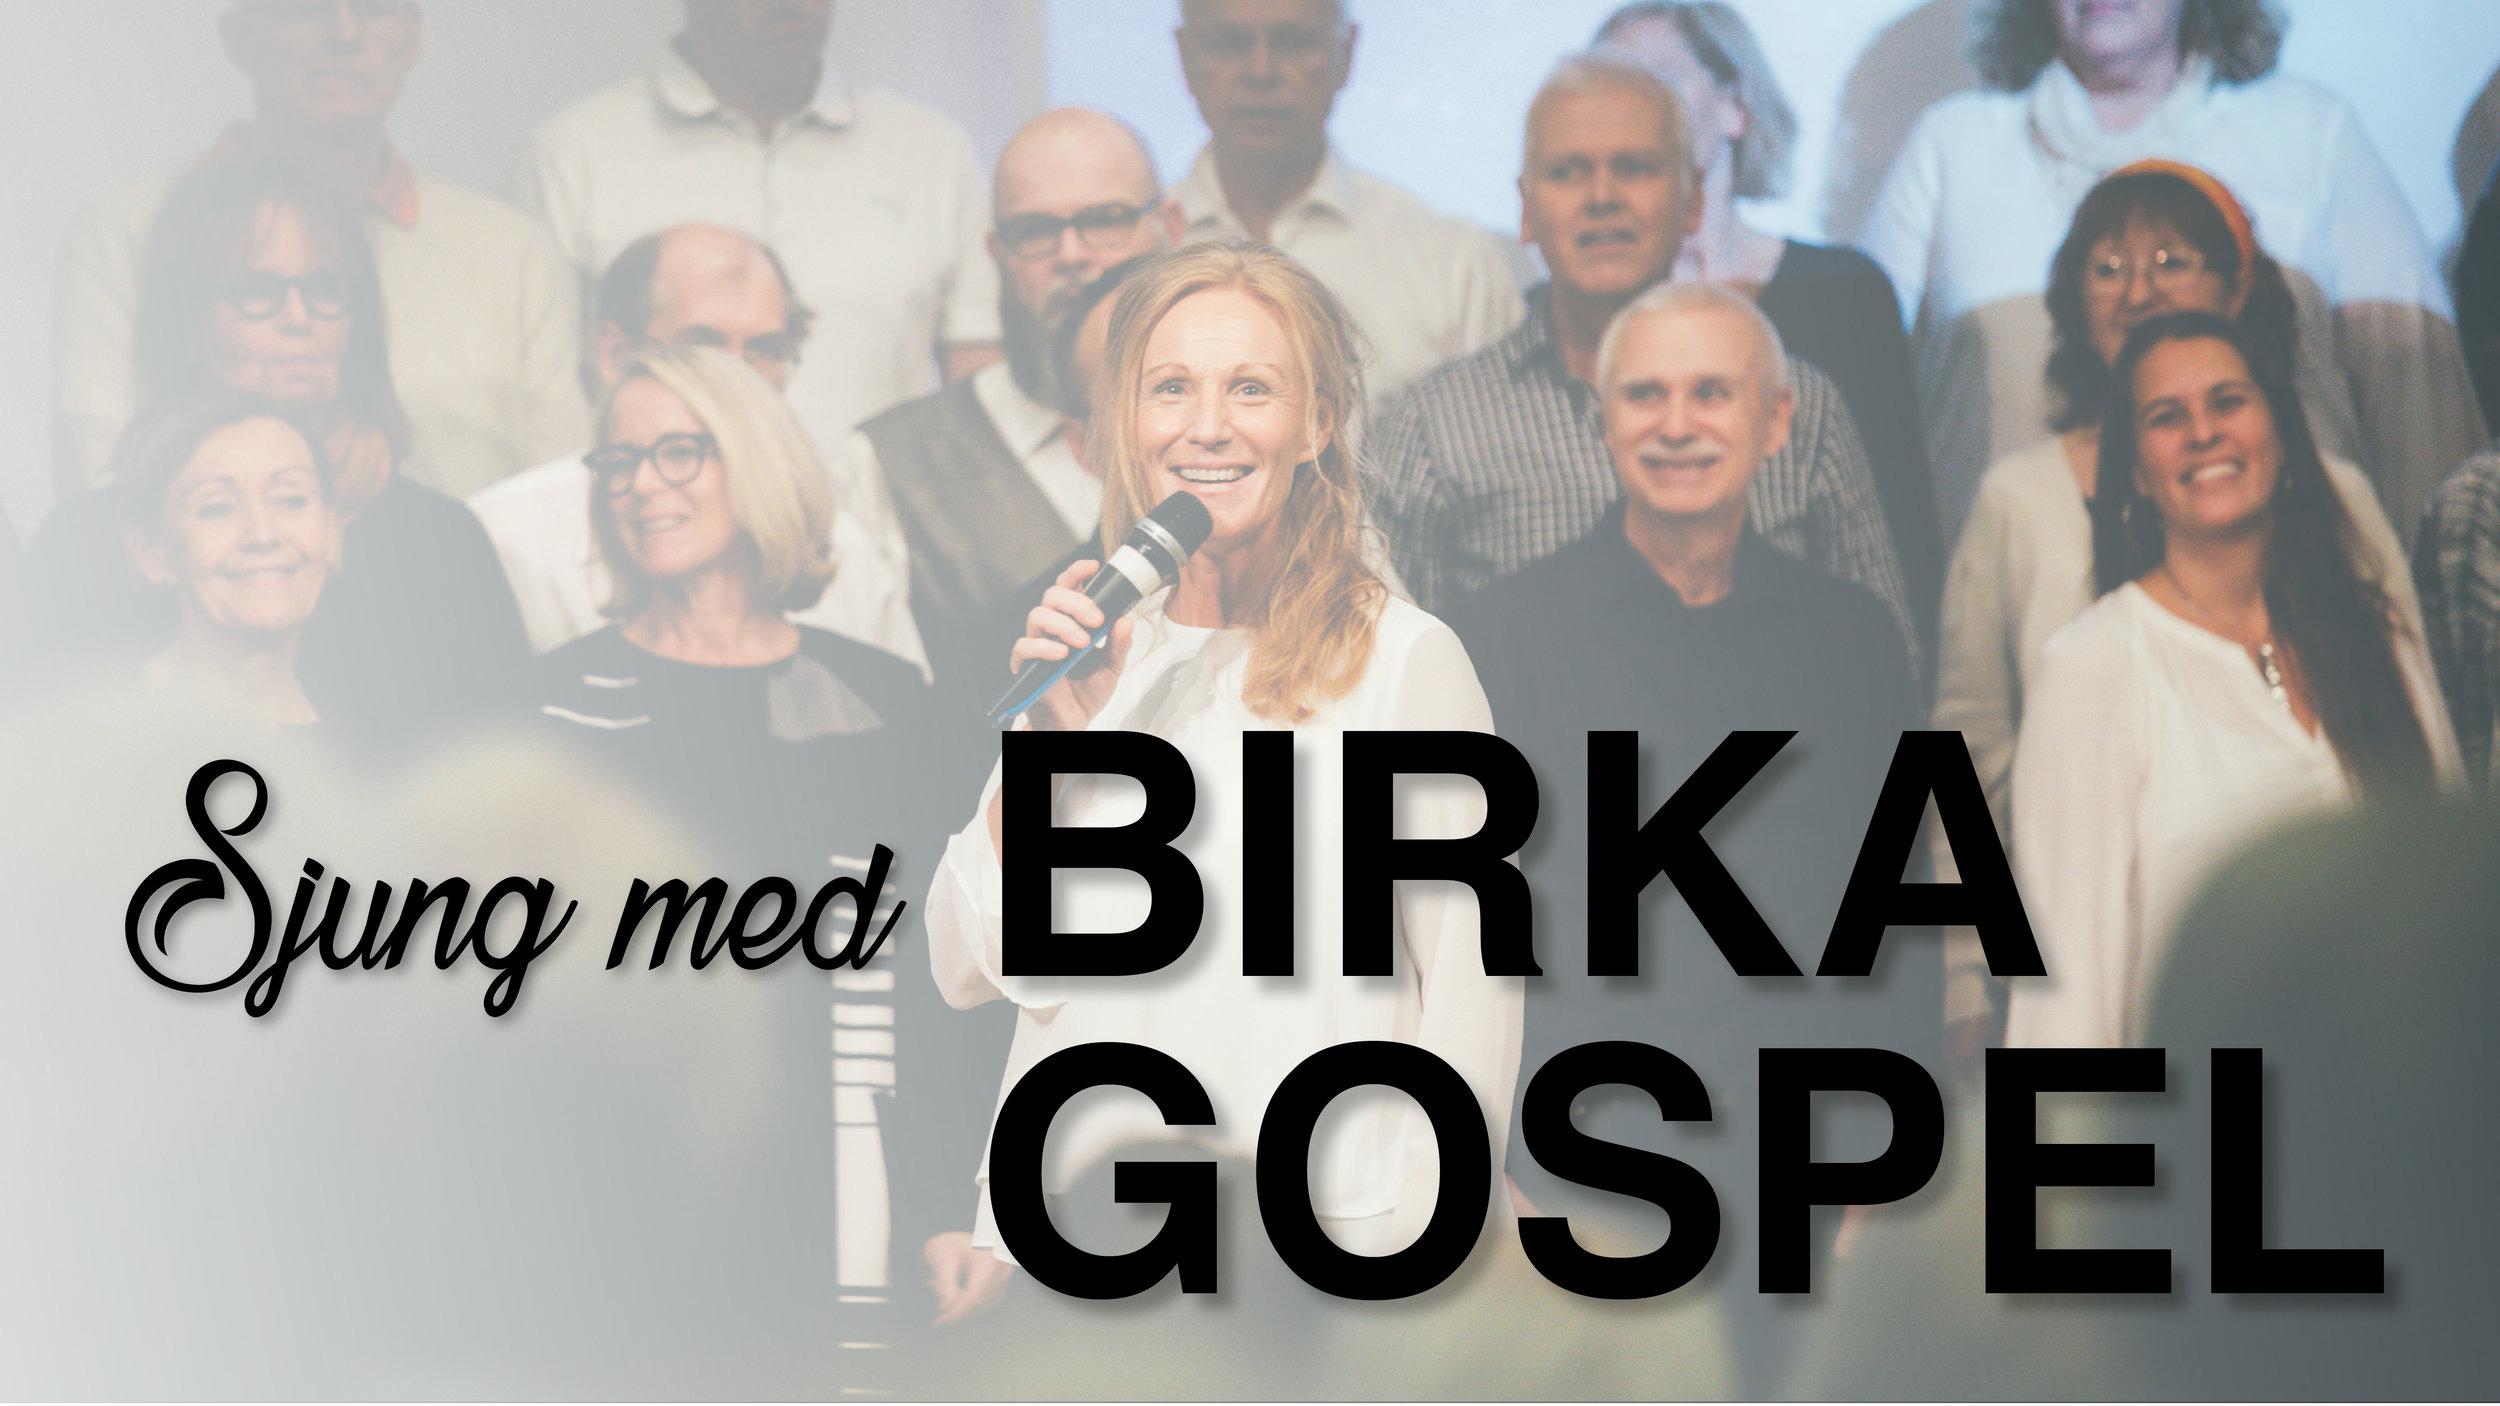 Birka gospel annons vt2019.jpg